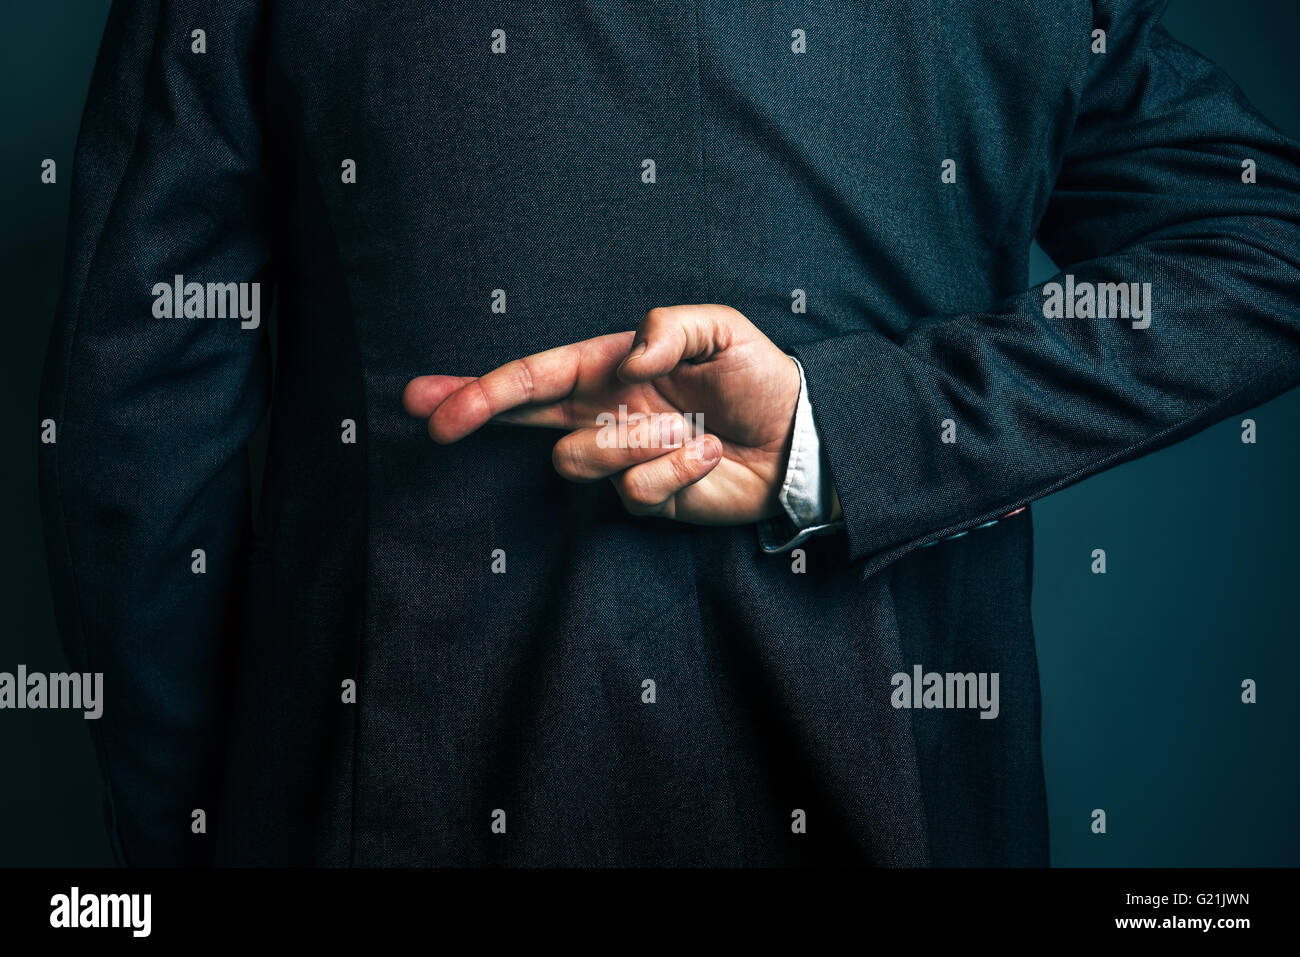 Empresario deshonesto decir mentiras, mintiendo empresario manteniendo los dedos cruzados detrás de su espalda Imagen De Stock